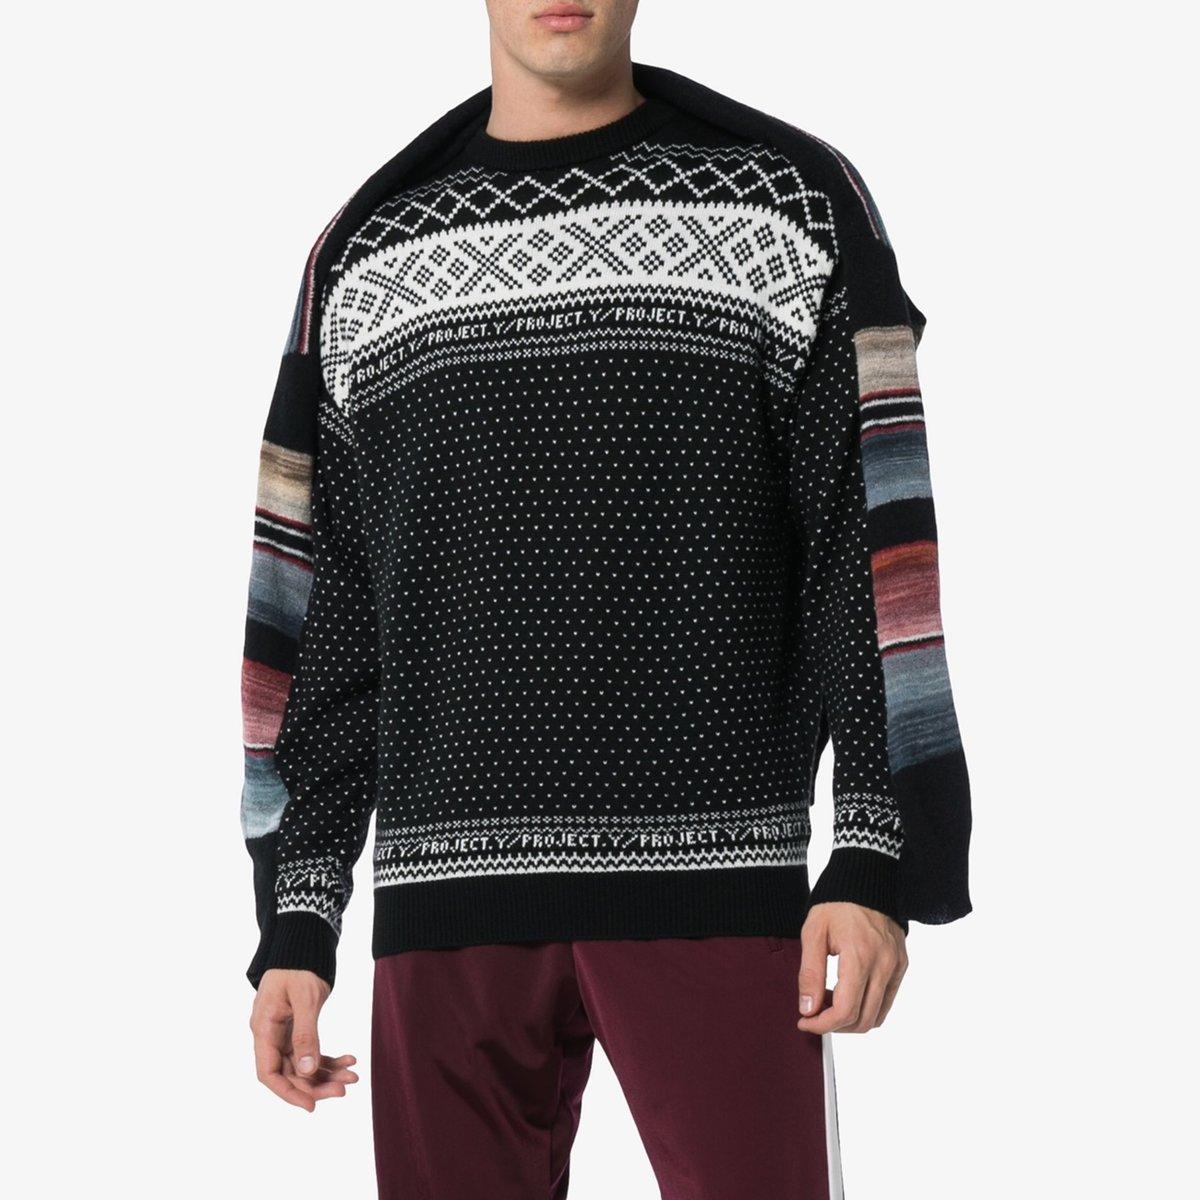 y-project-norwegian-panelled-knit-wool-jumper_13050727_13964898_1920.jpg